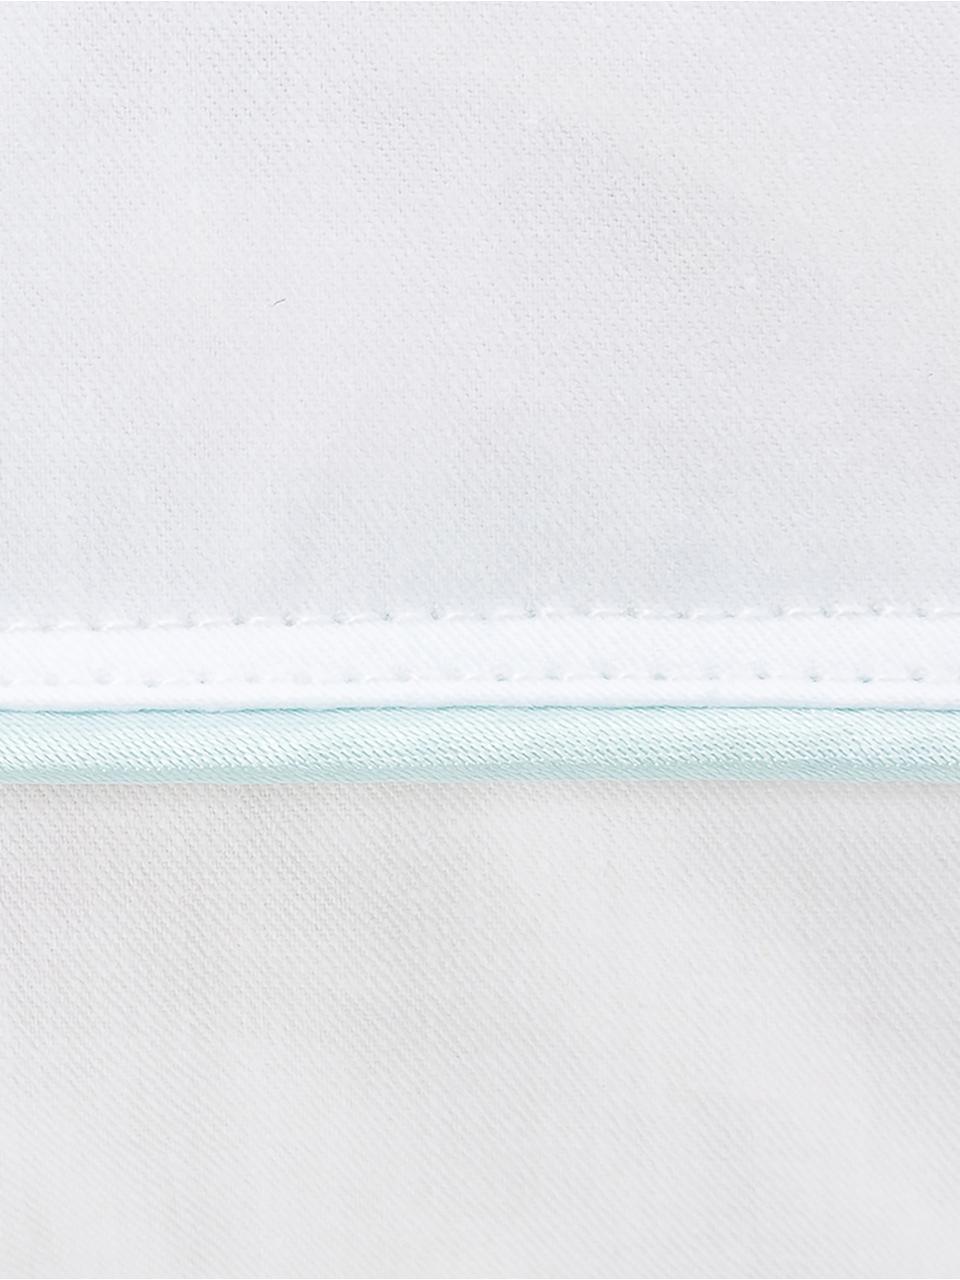 3-Kammer-Kopfkissen Premium, mittel, Außen: Weiße neue Daunen und Fed, Innen: neue Weiße Federn, Klasse, Hülle: 100% Baumwolle, Mako-Fein, Weiß mit türkiser Satinbiese, 80 x 80 cm